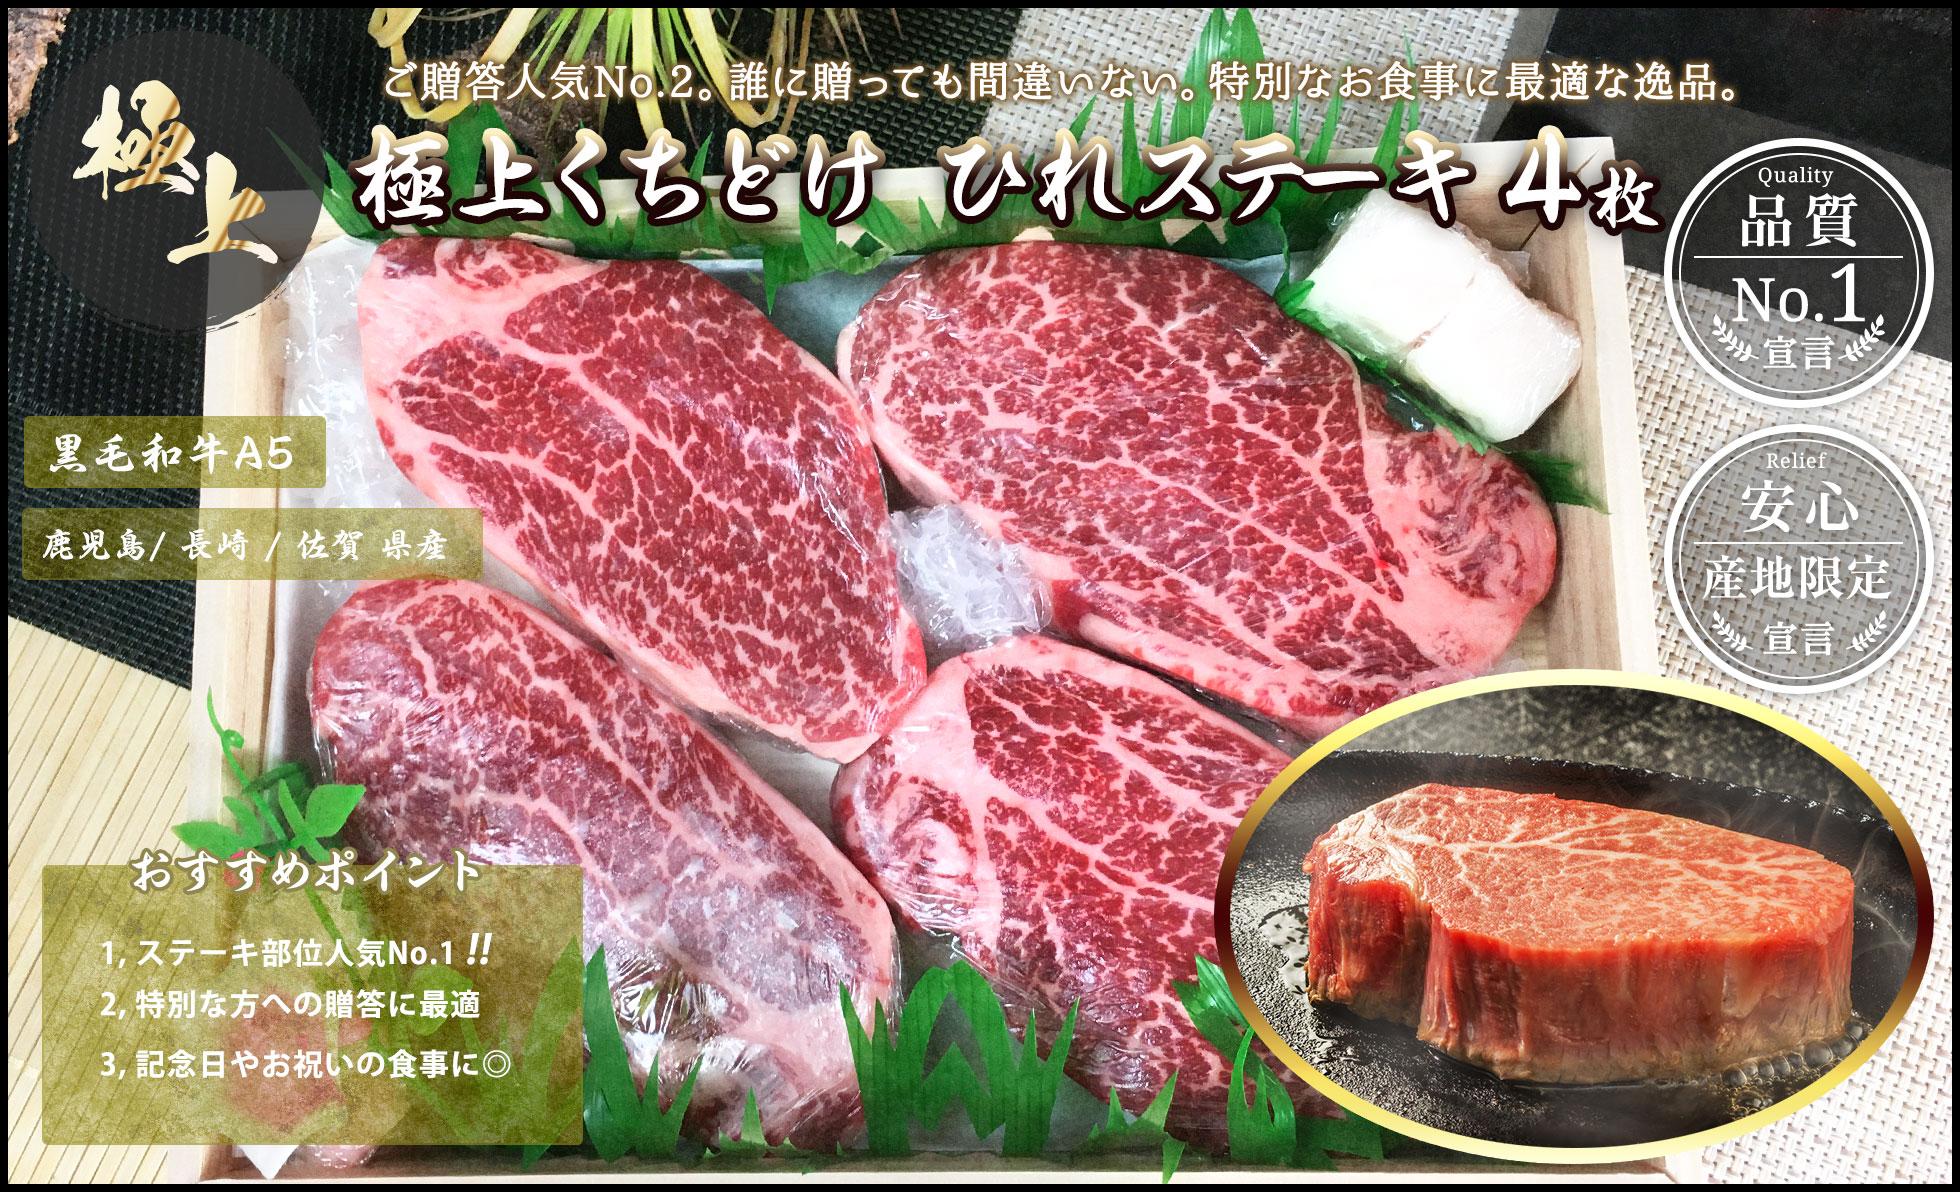 九州産黒毛和牛A5ランク 贈答 ギフト お取り寄せグルメ 人気 ひれステーキ